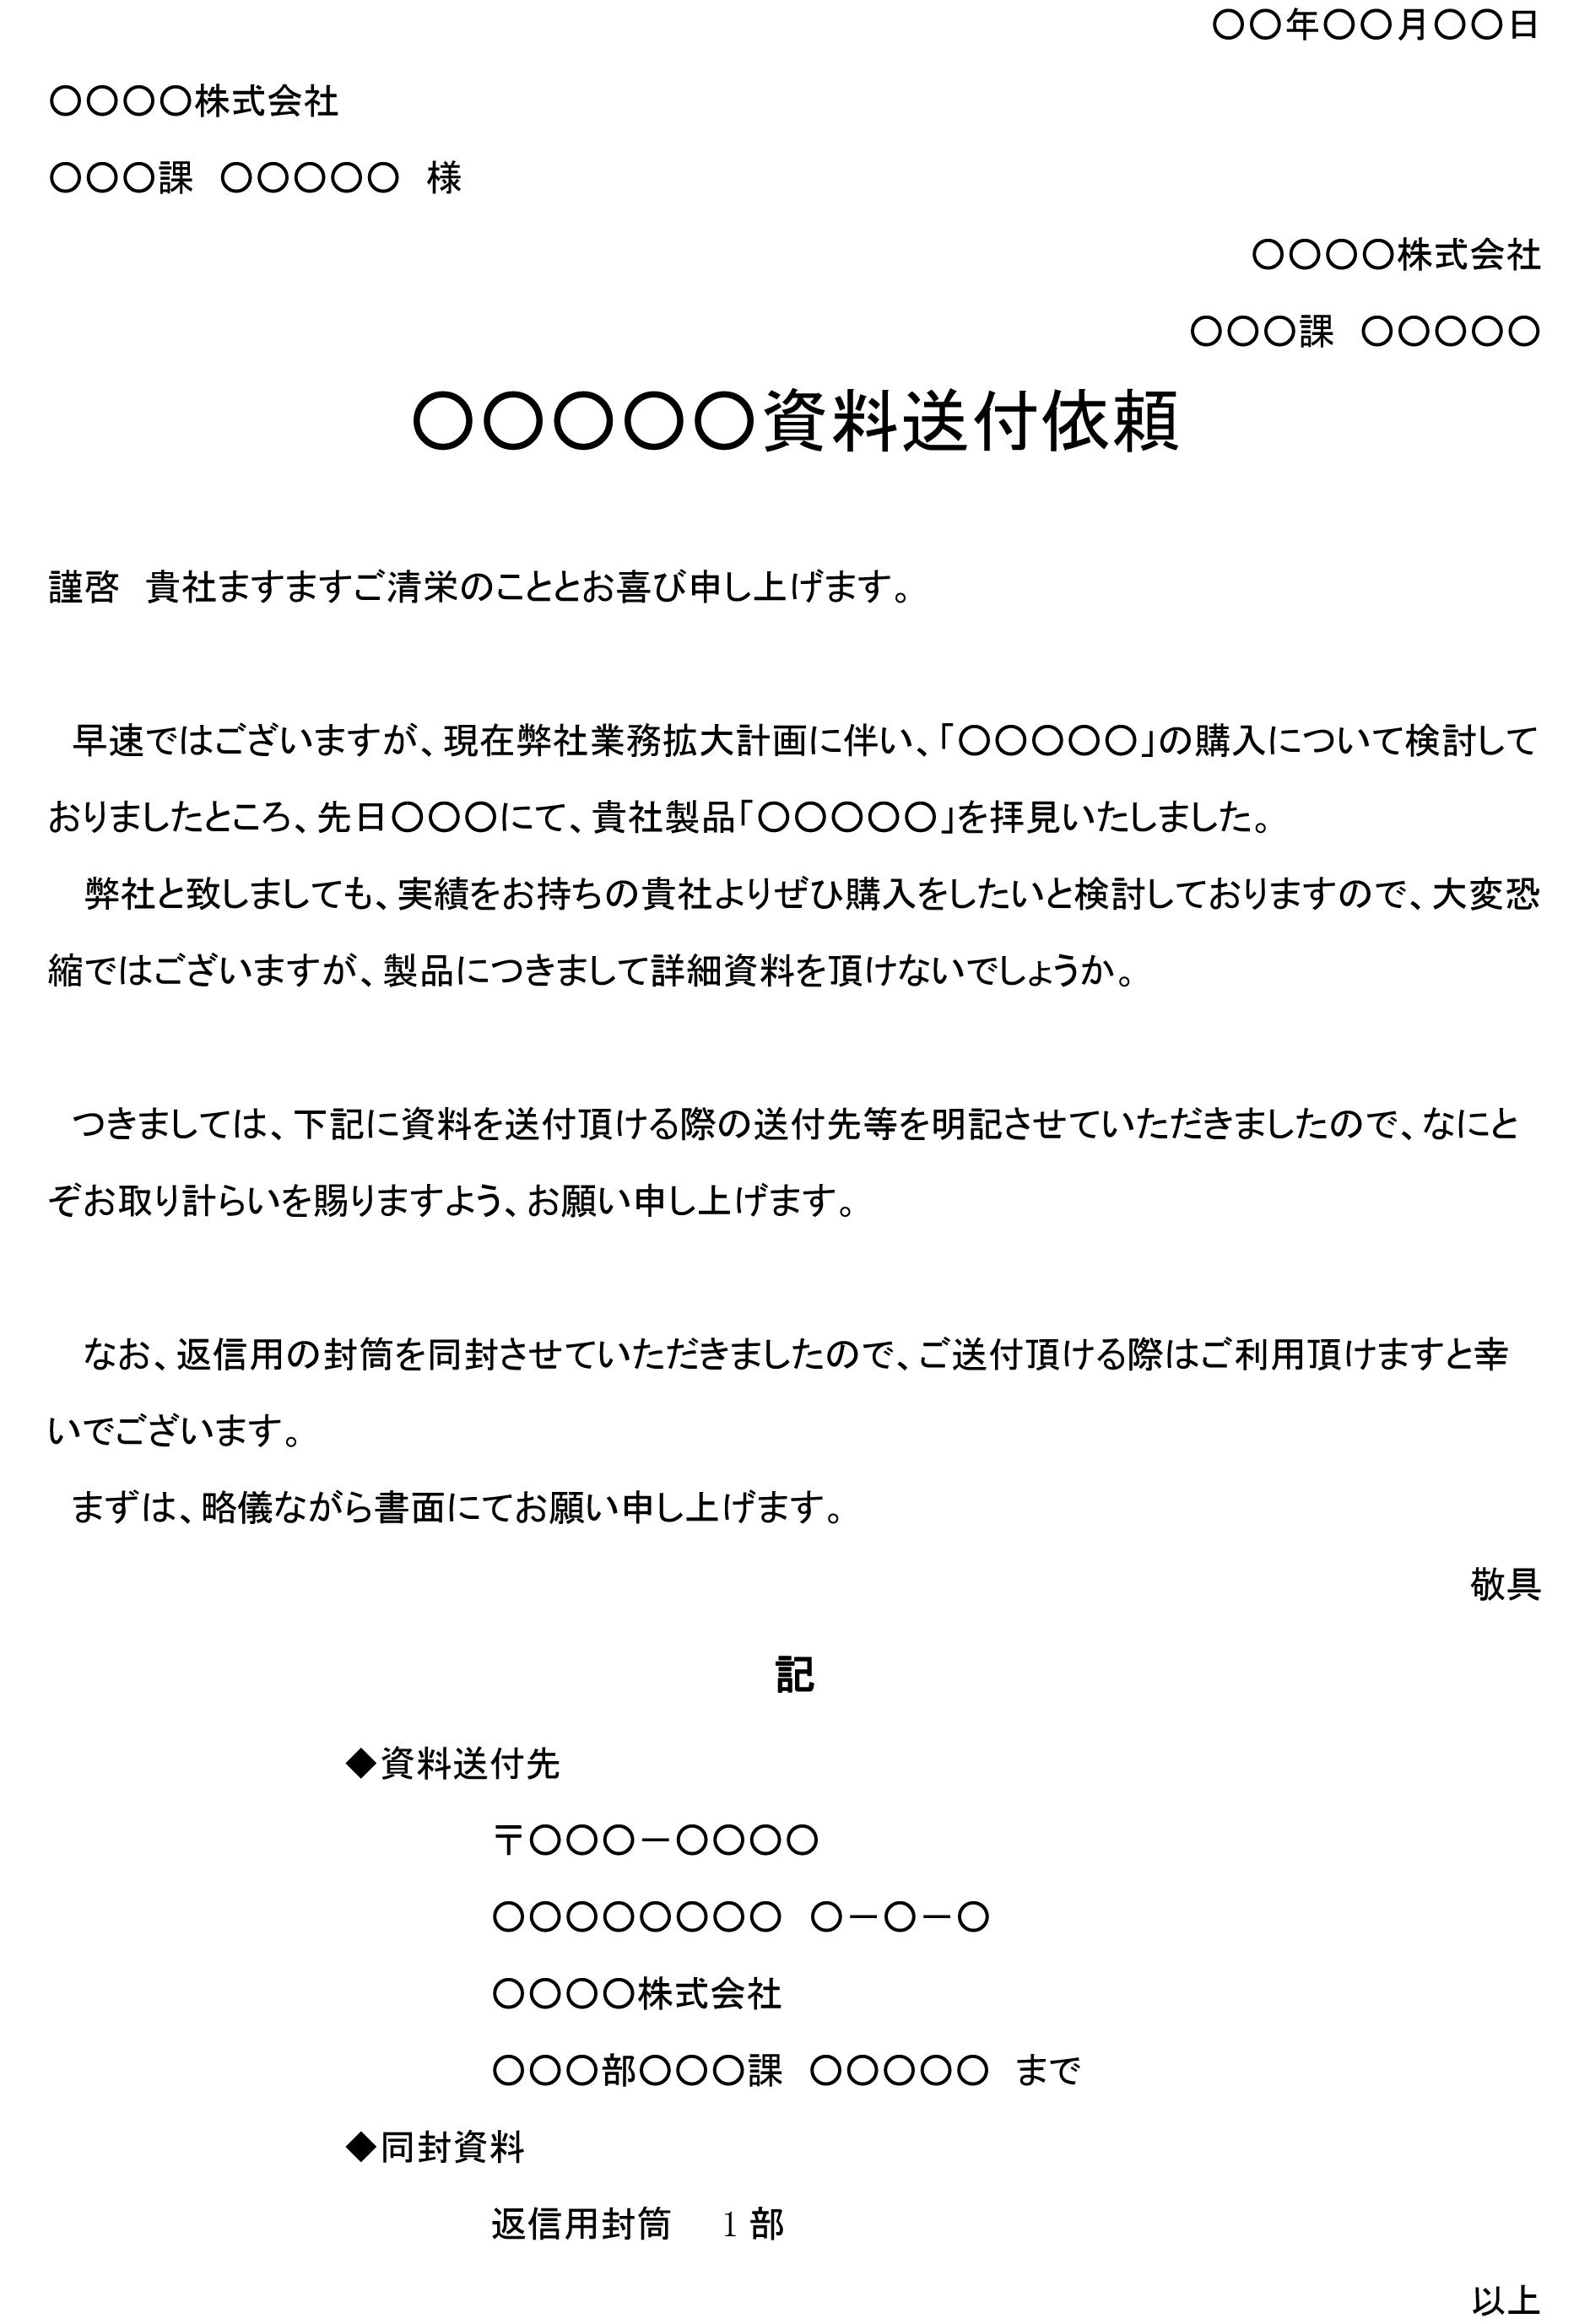 依頼状(資料送付)01